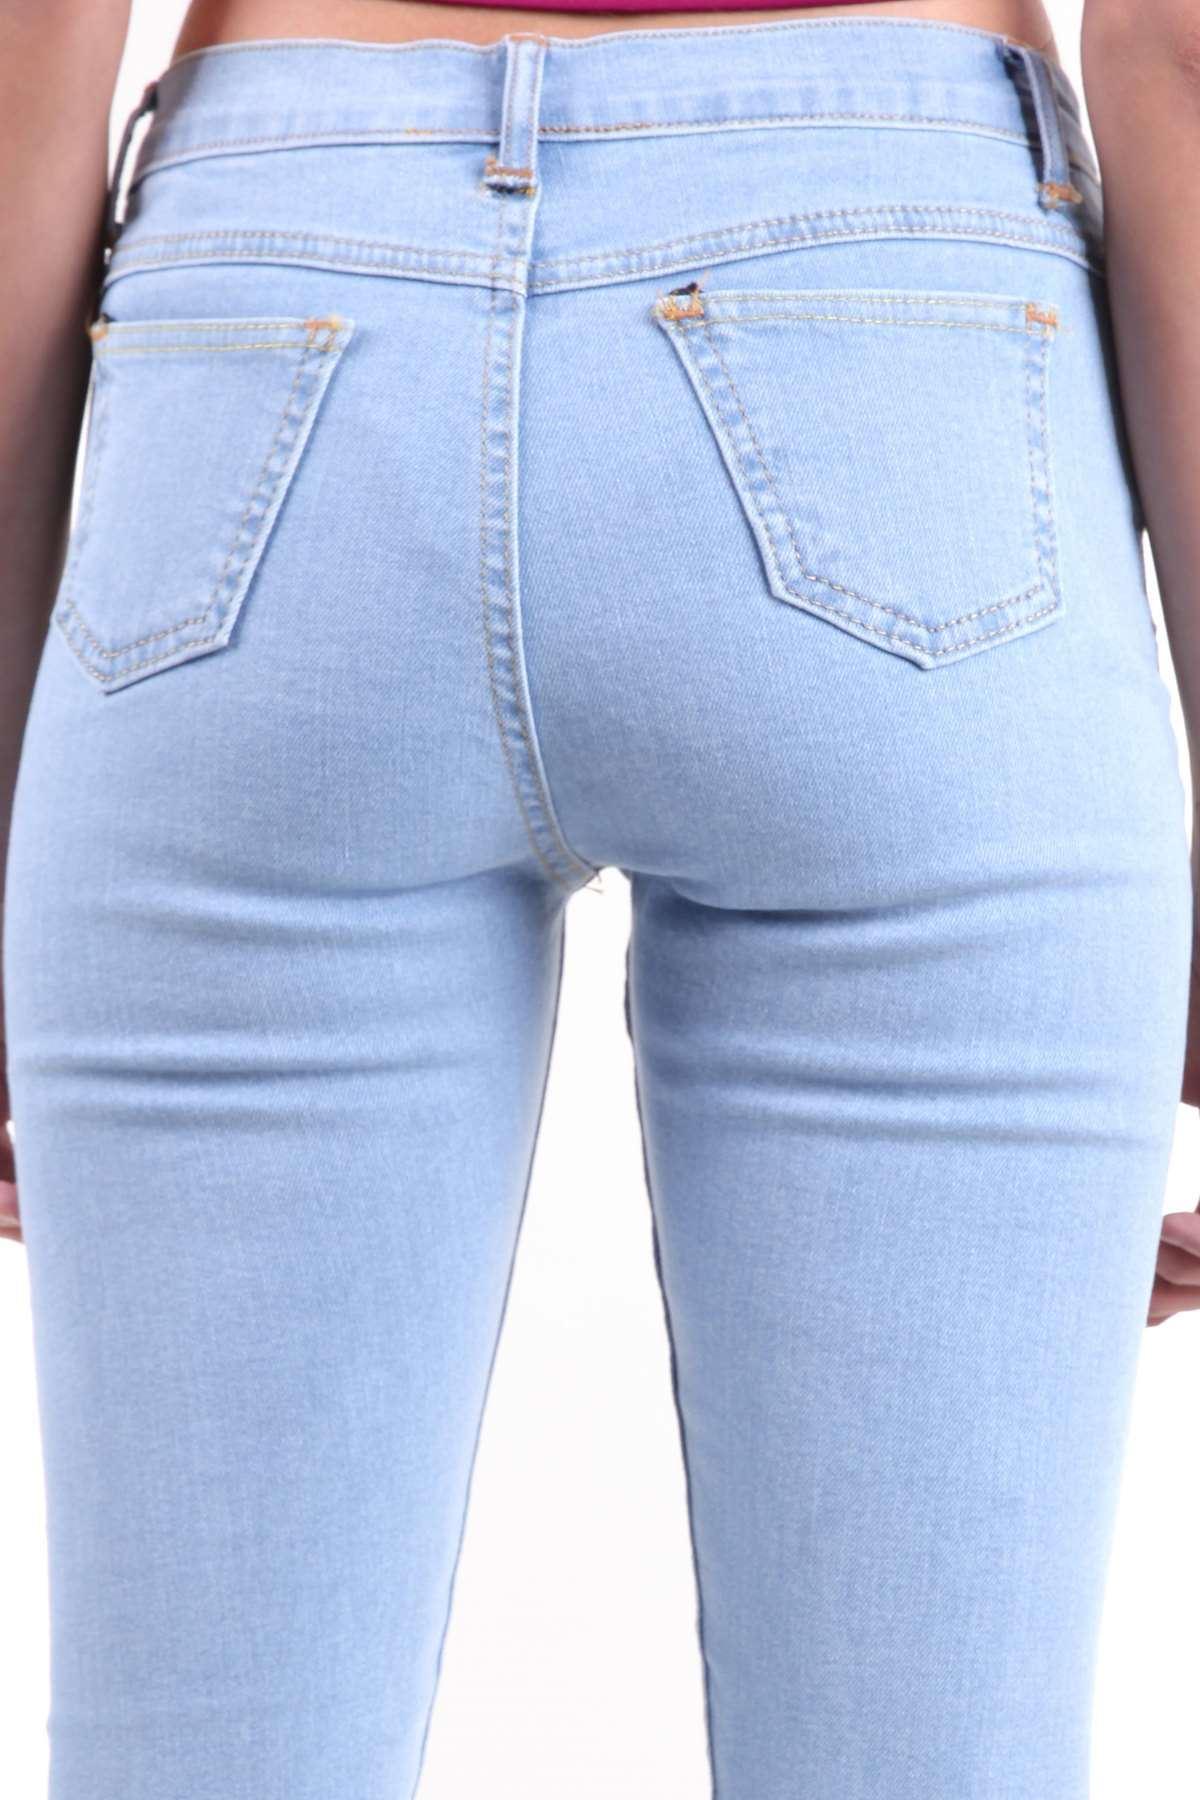 Lazer Tırtıklı Paça Püsküllü Yüksek Bel Likralı Kot Pantolon B.Mavı